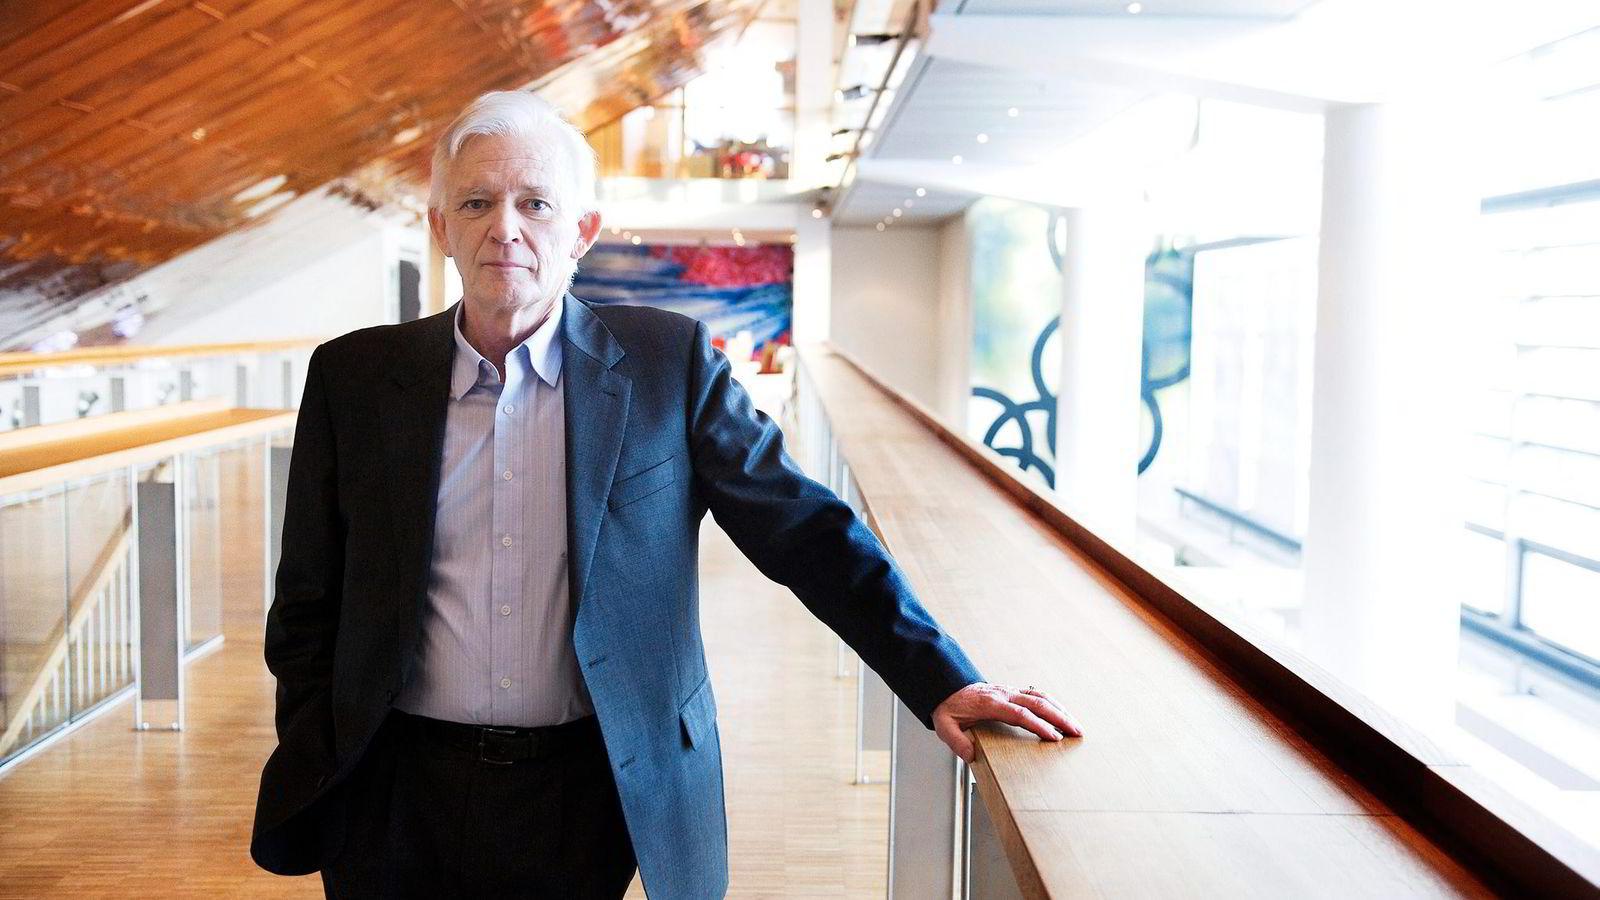 Sevane Marine-gründer Arne Smedal sier han «på ingen måte» føler han har gjort noe galt, men erkjenner at han er siktet i det som kan være norgeshistoriens største korrupsjonssak. Foto: Jon Danielsen